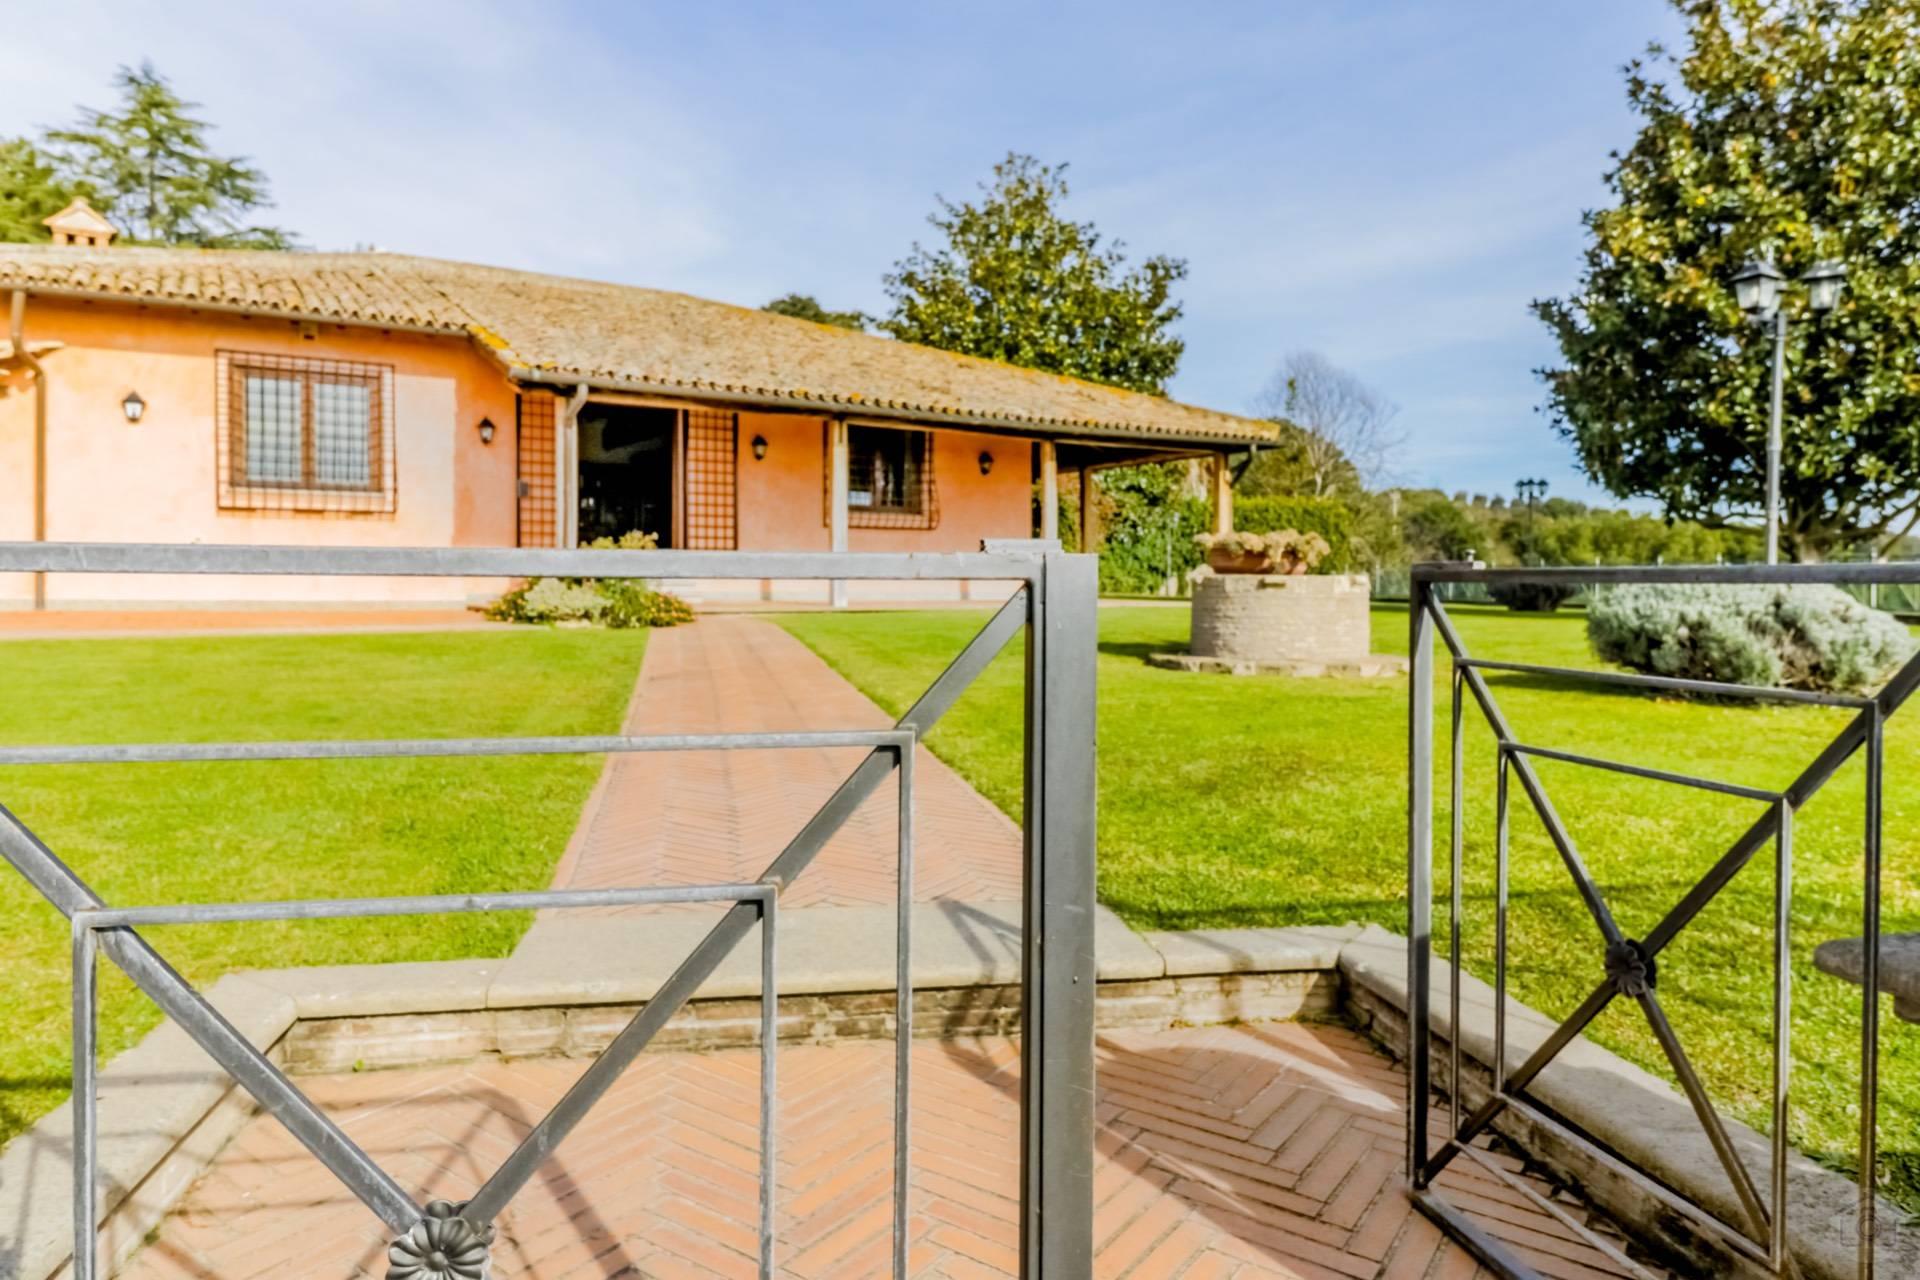 Villa in Vendita a Sacrofano: 5 locali, 180 mq - Foto 27